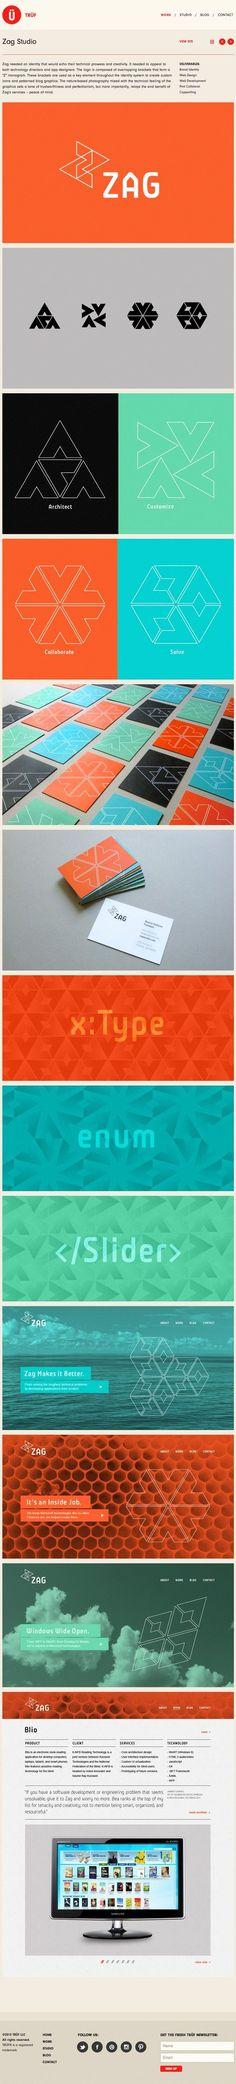 #marca #brand #branding #diseño #design #gráfico #graphic #inspiración #inspiration #creatividad #creativity #portfolio #logo #logotype #editorial #simple #minimal #identidad #identity #símbolo #symbol #tipografía #typography #mockup #papelería #stationa